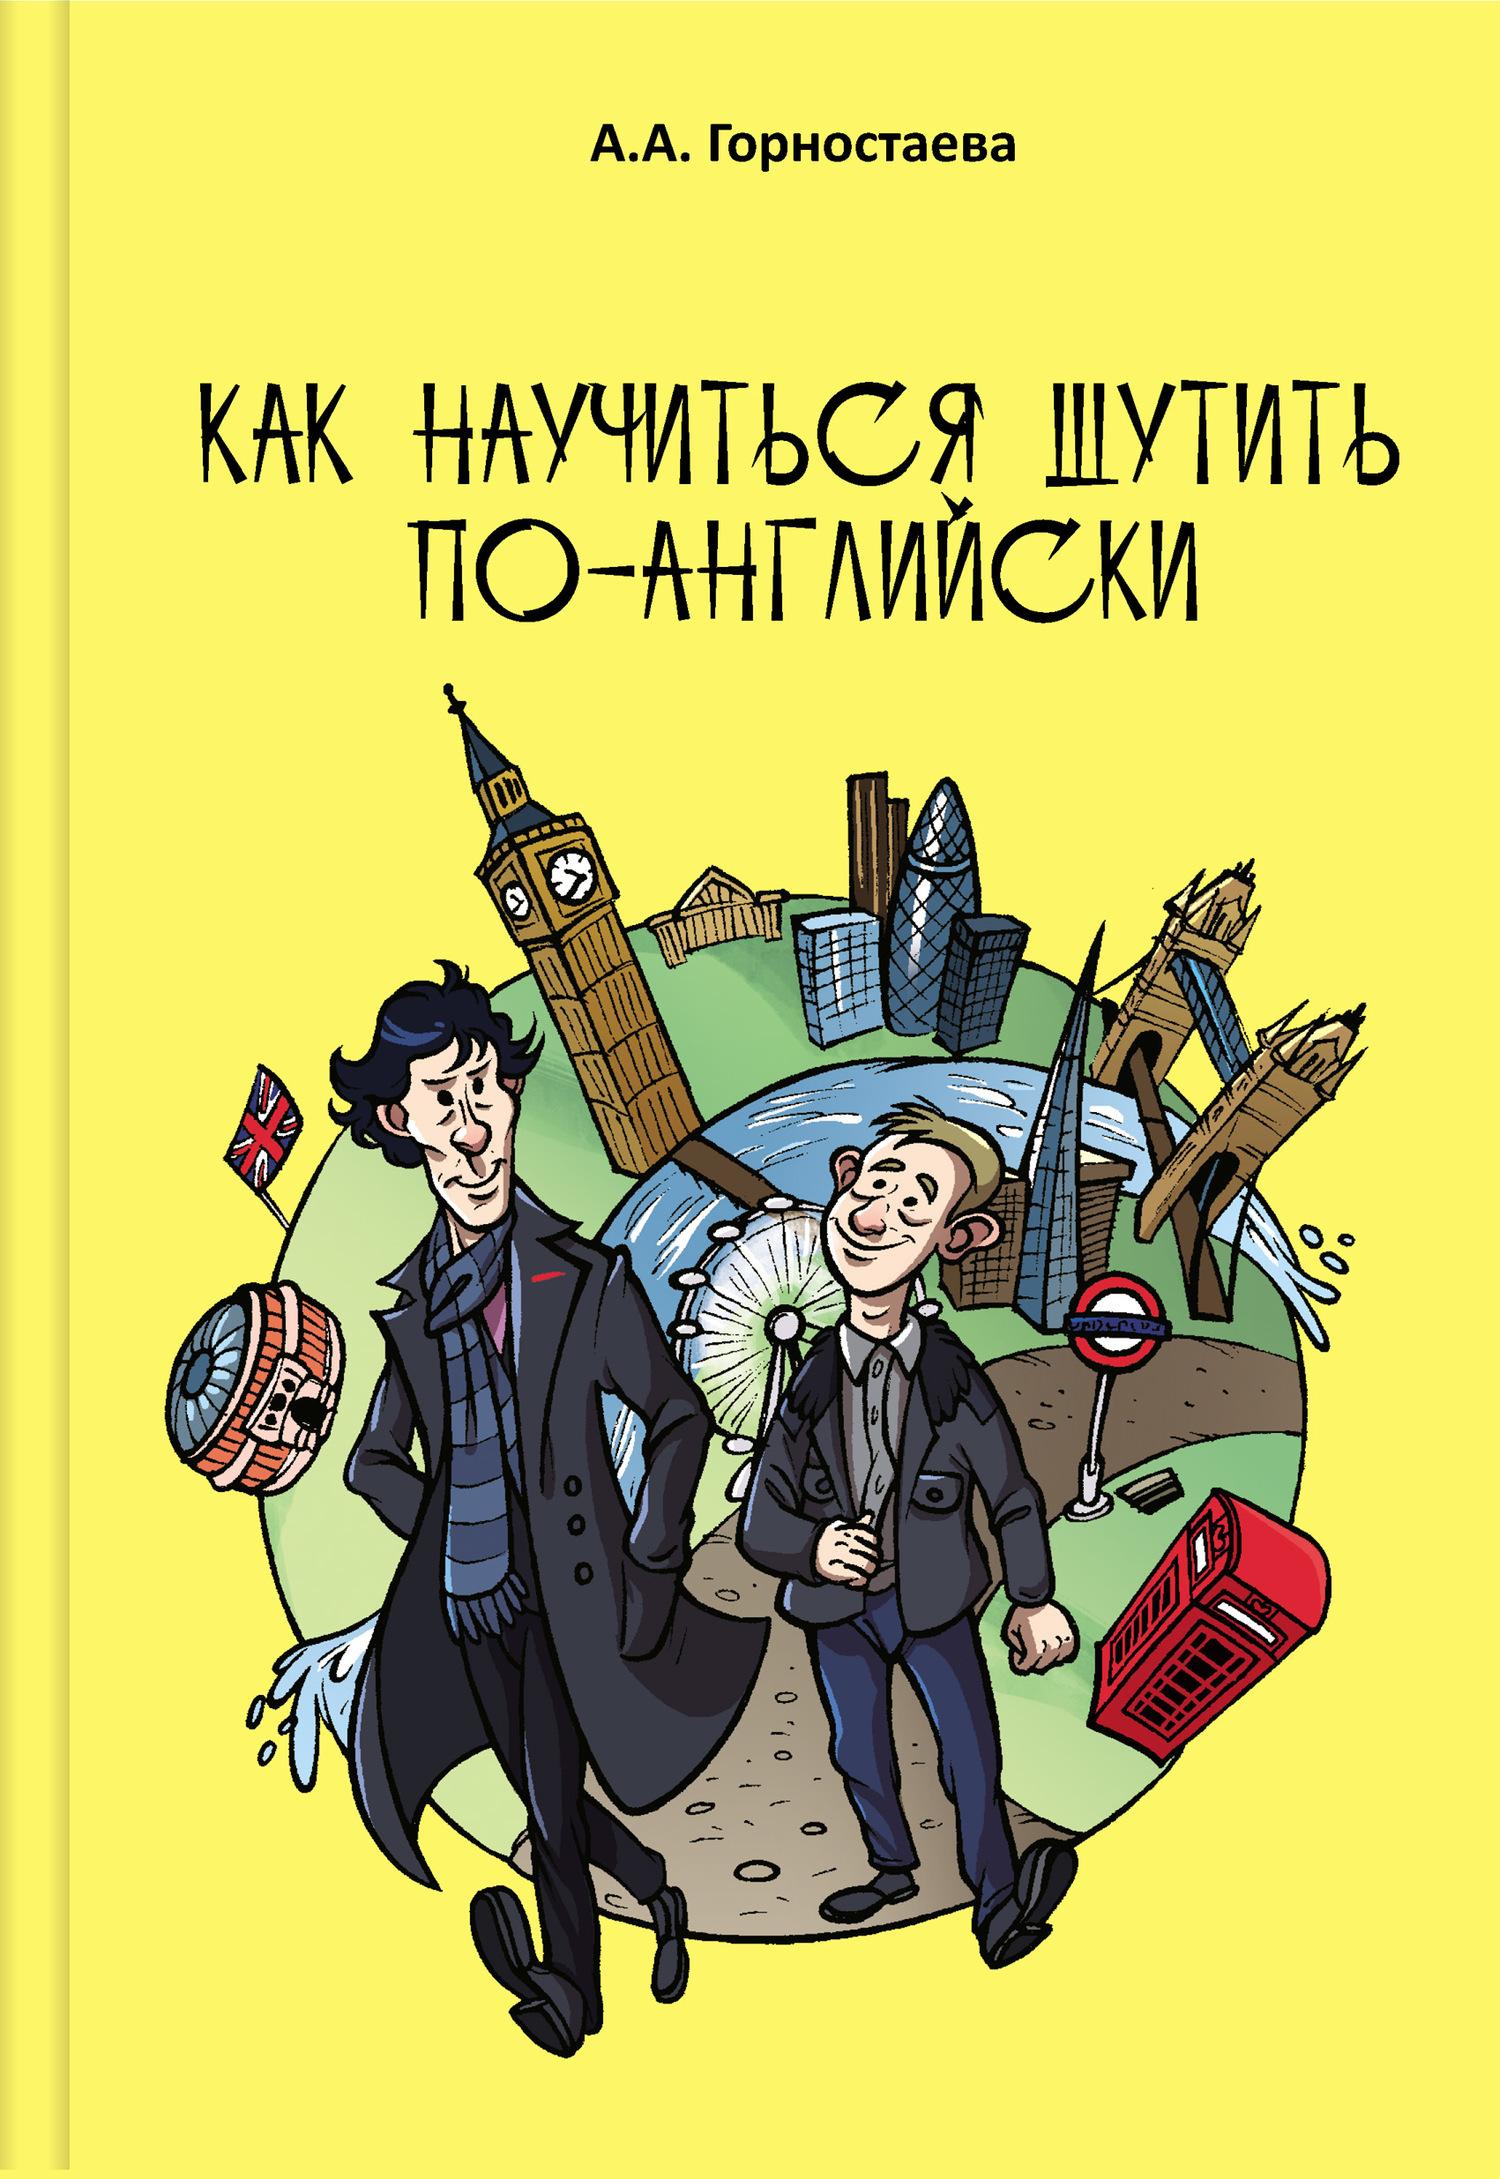 Анна Горностаева - Как научиться шутить по-английски